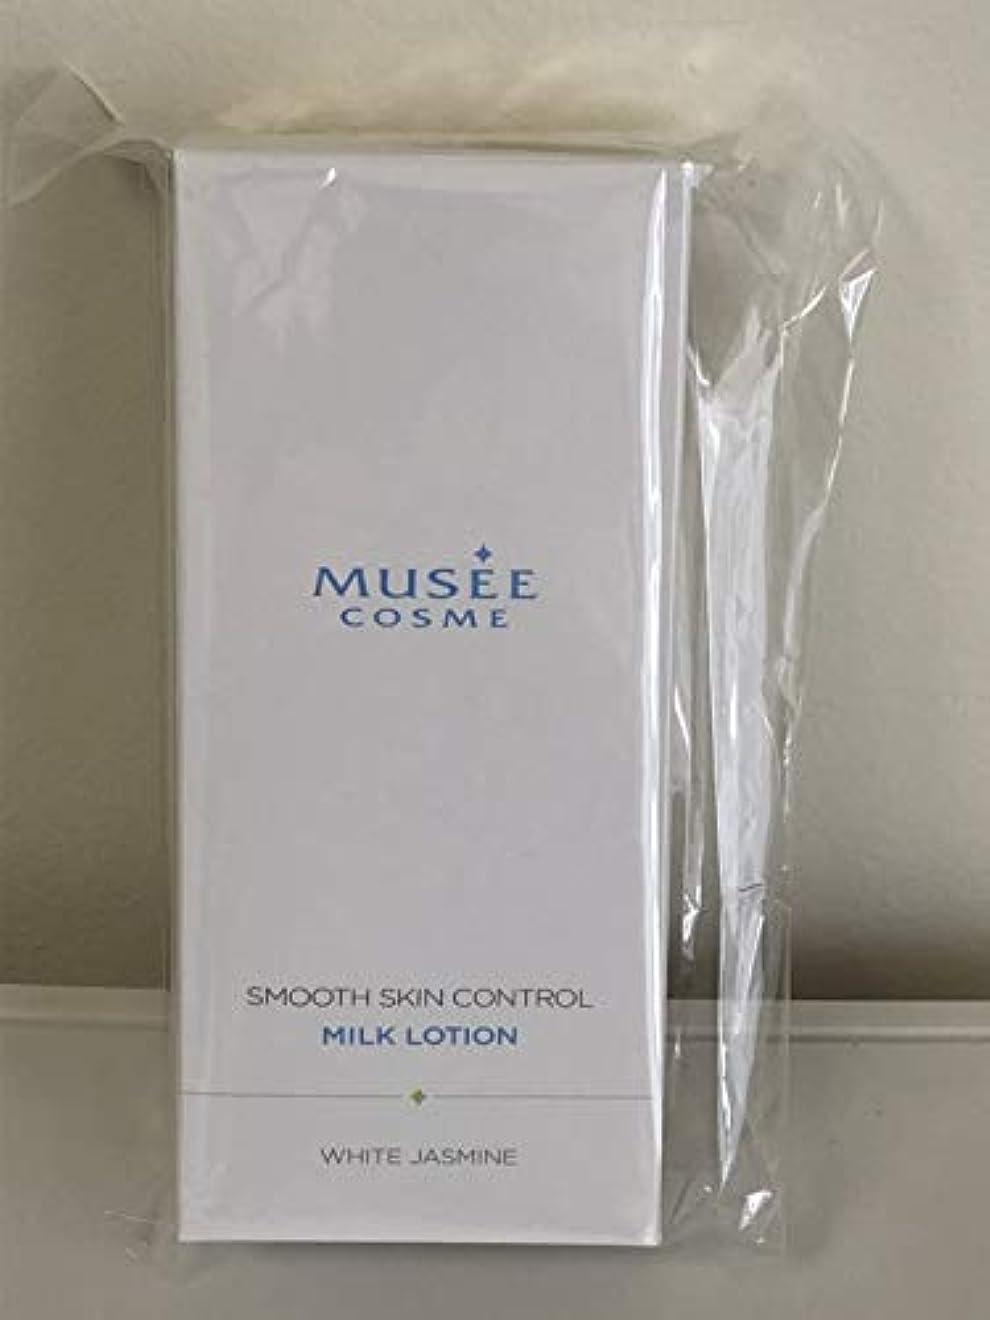 心のこもったエキス位置づけるミュゼコスメ 薬用スムーススキンコントロール ミルクローション 300mL ホワイトジャスミンの香り